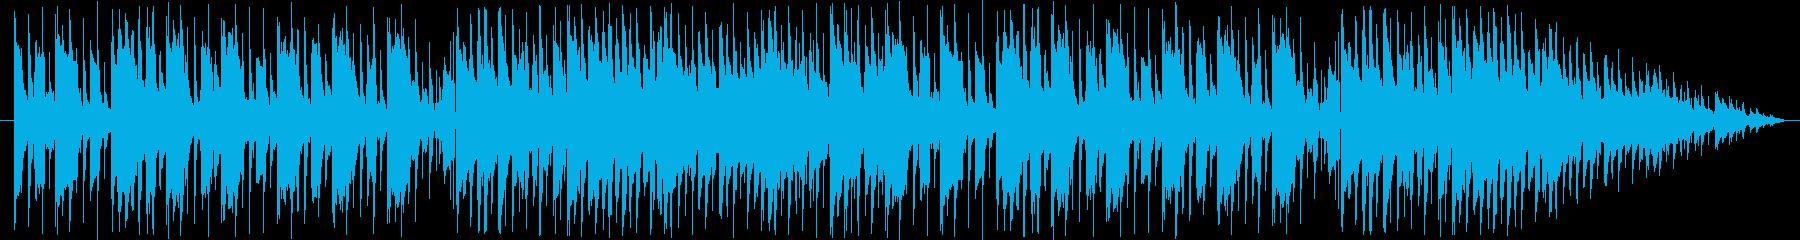 コマーシャル用の音楽。ラテンバチャ...の再生済みの波形